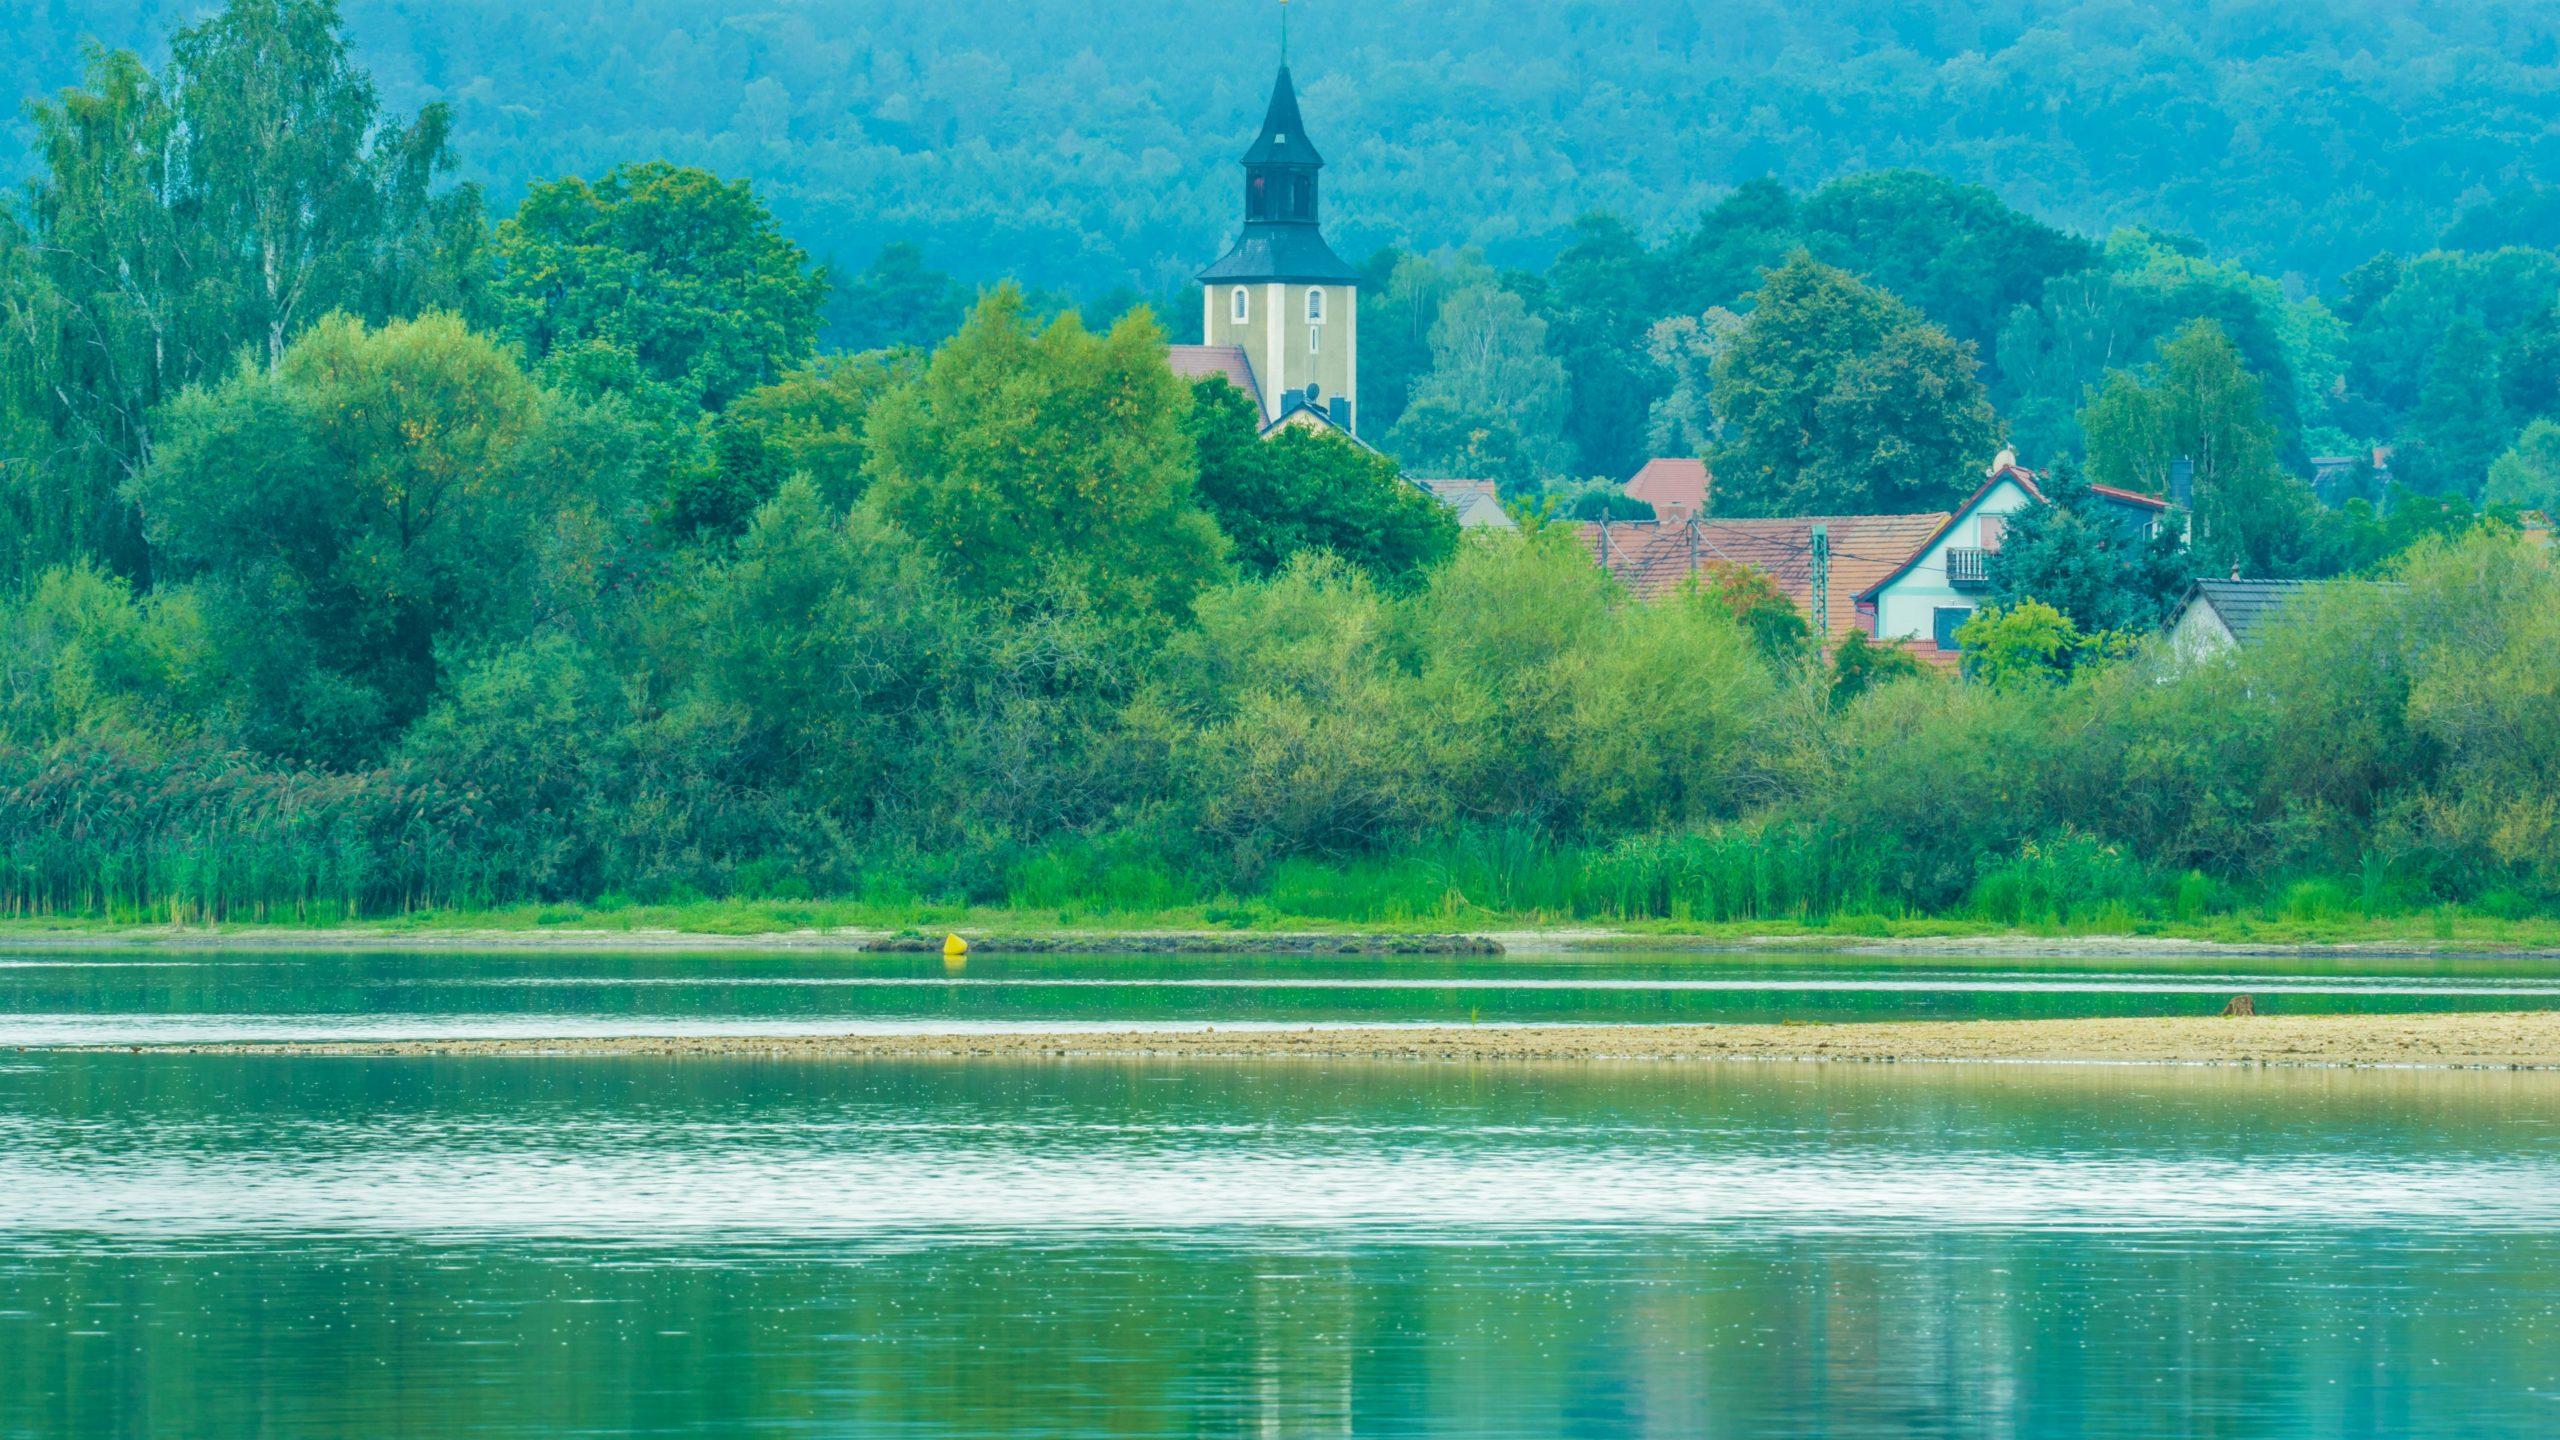 Stausee Quitzdorf, bei Niesky, Oberlausitz